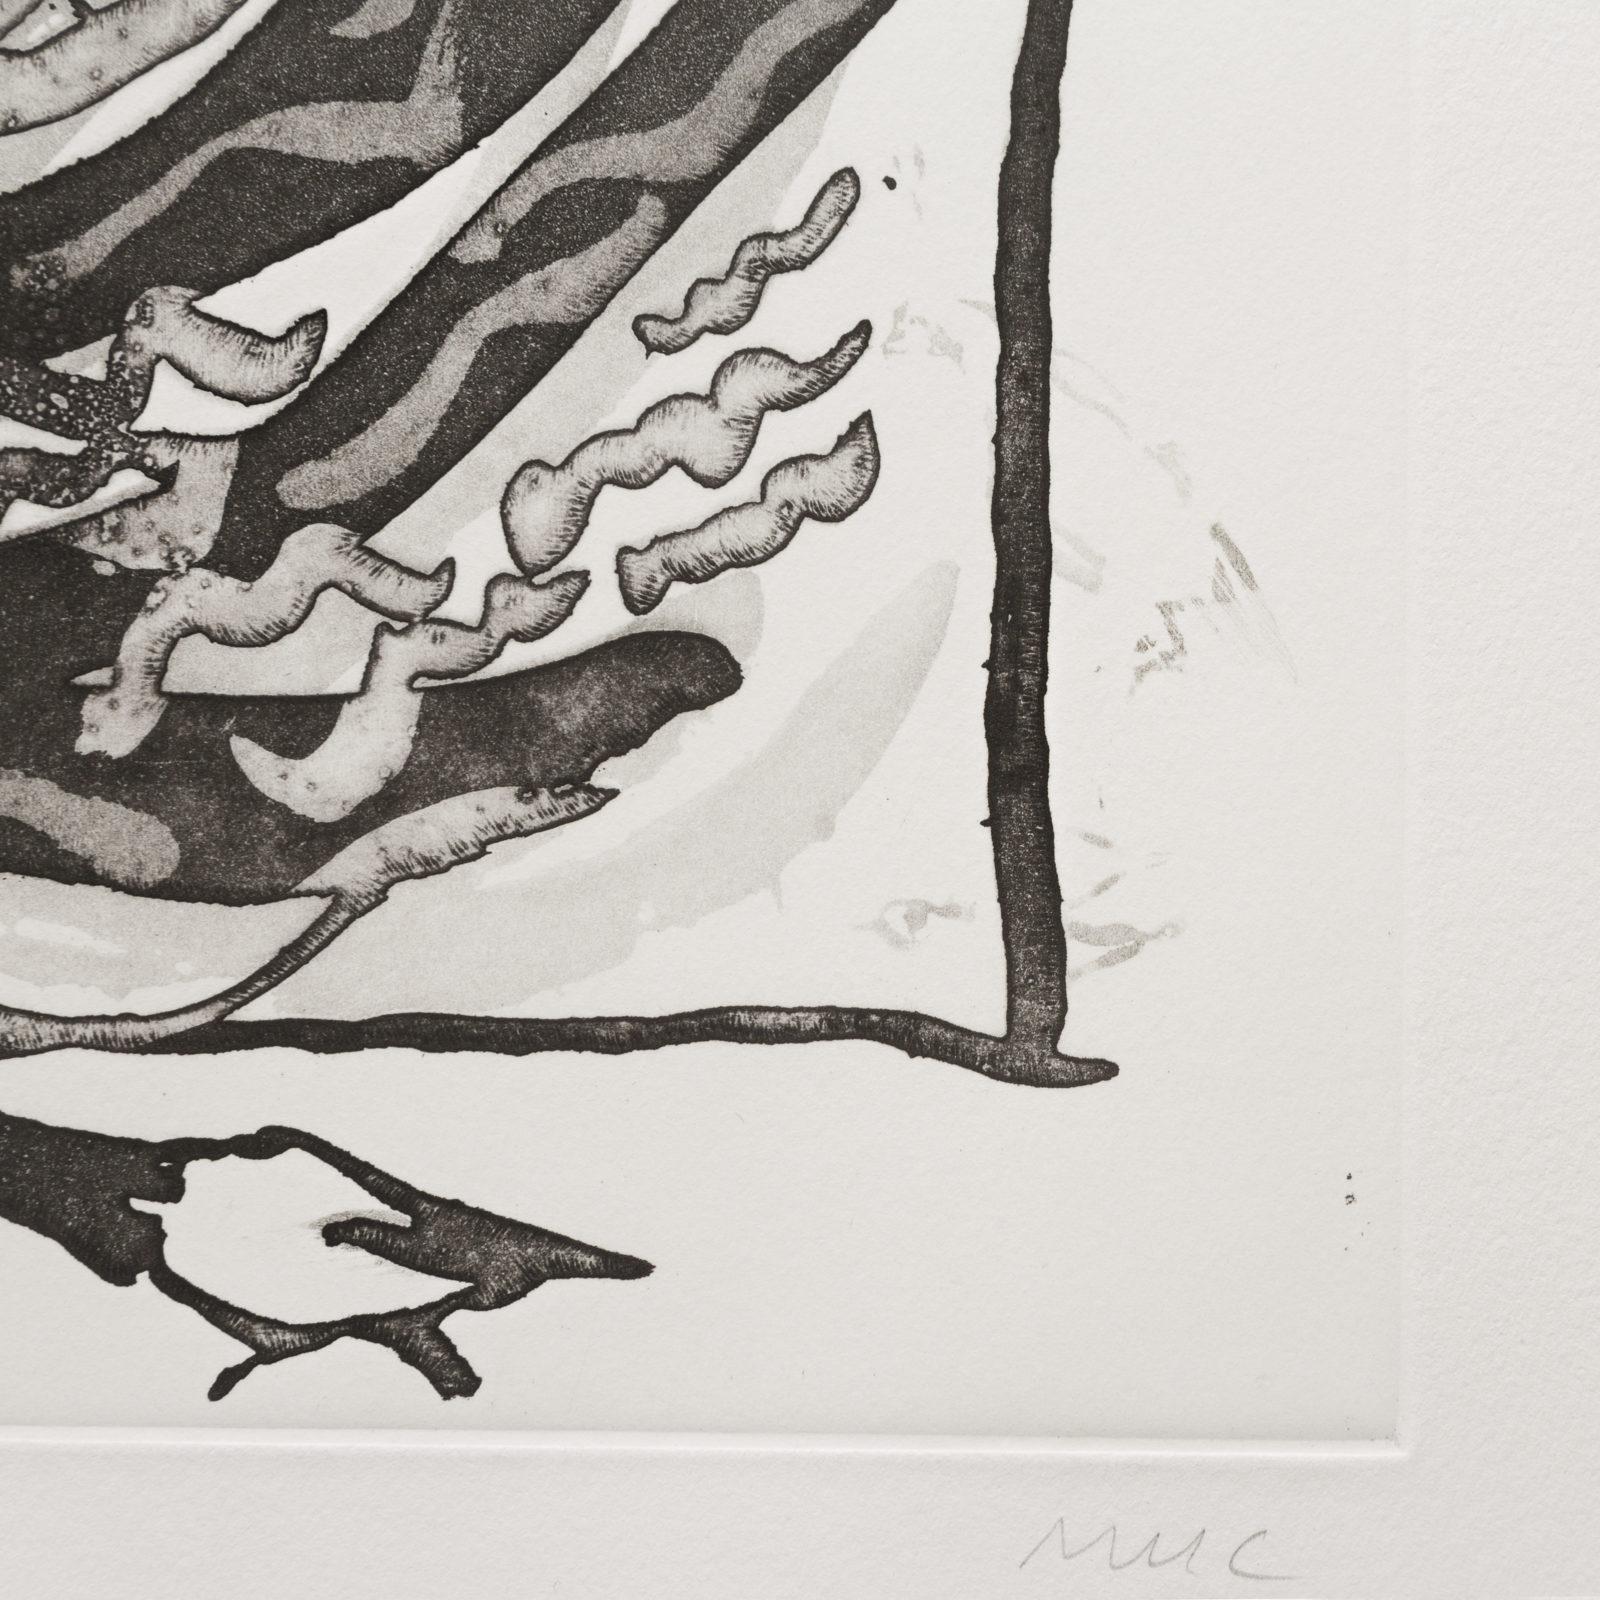 Pigeon (aquatint)